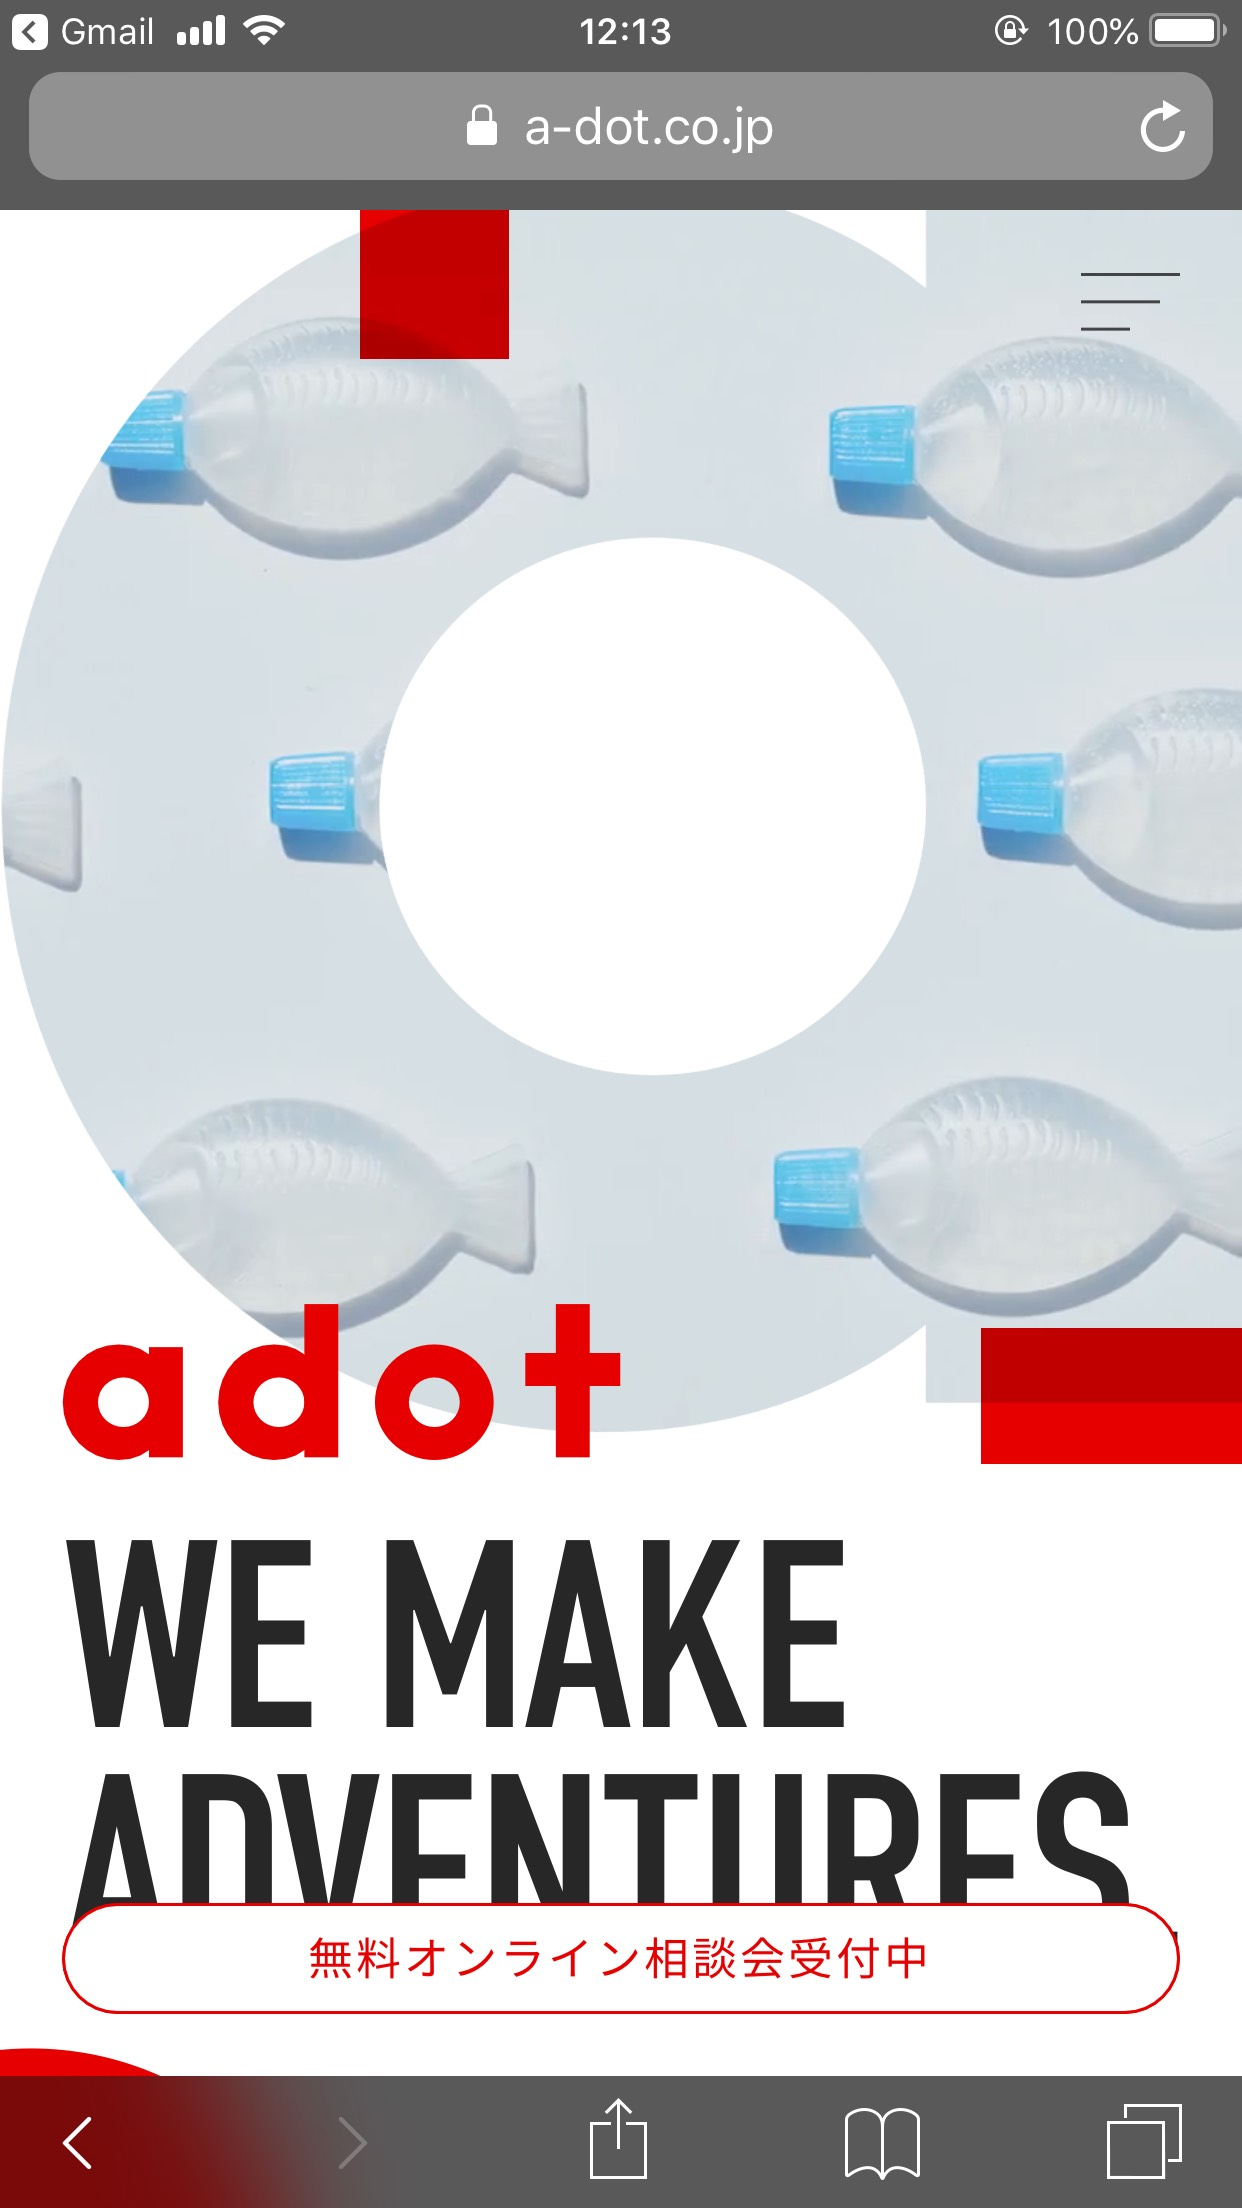 adot|プロデュースカンパニー・エードット